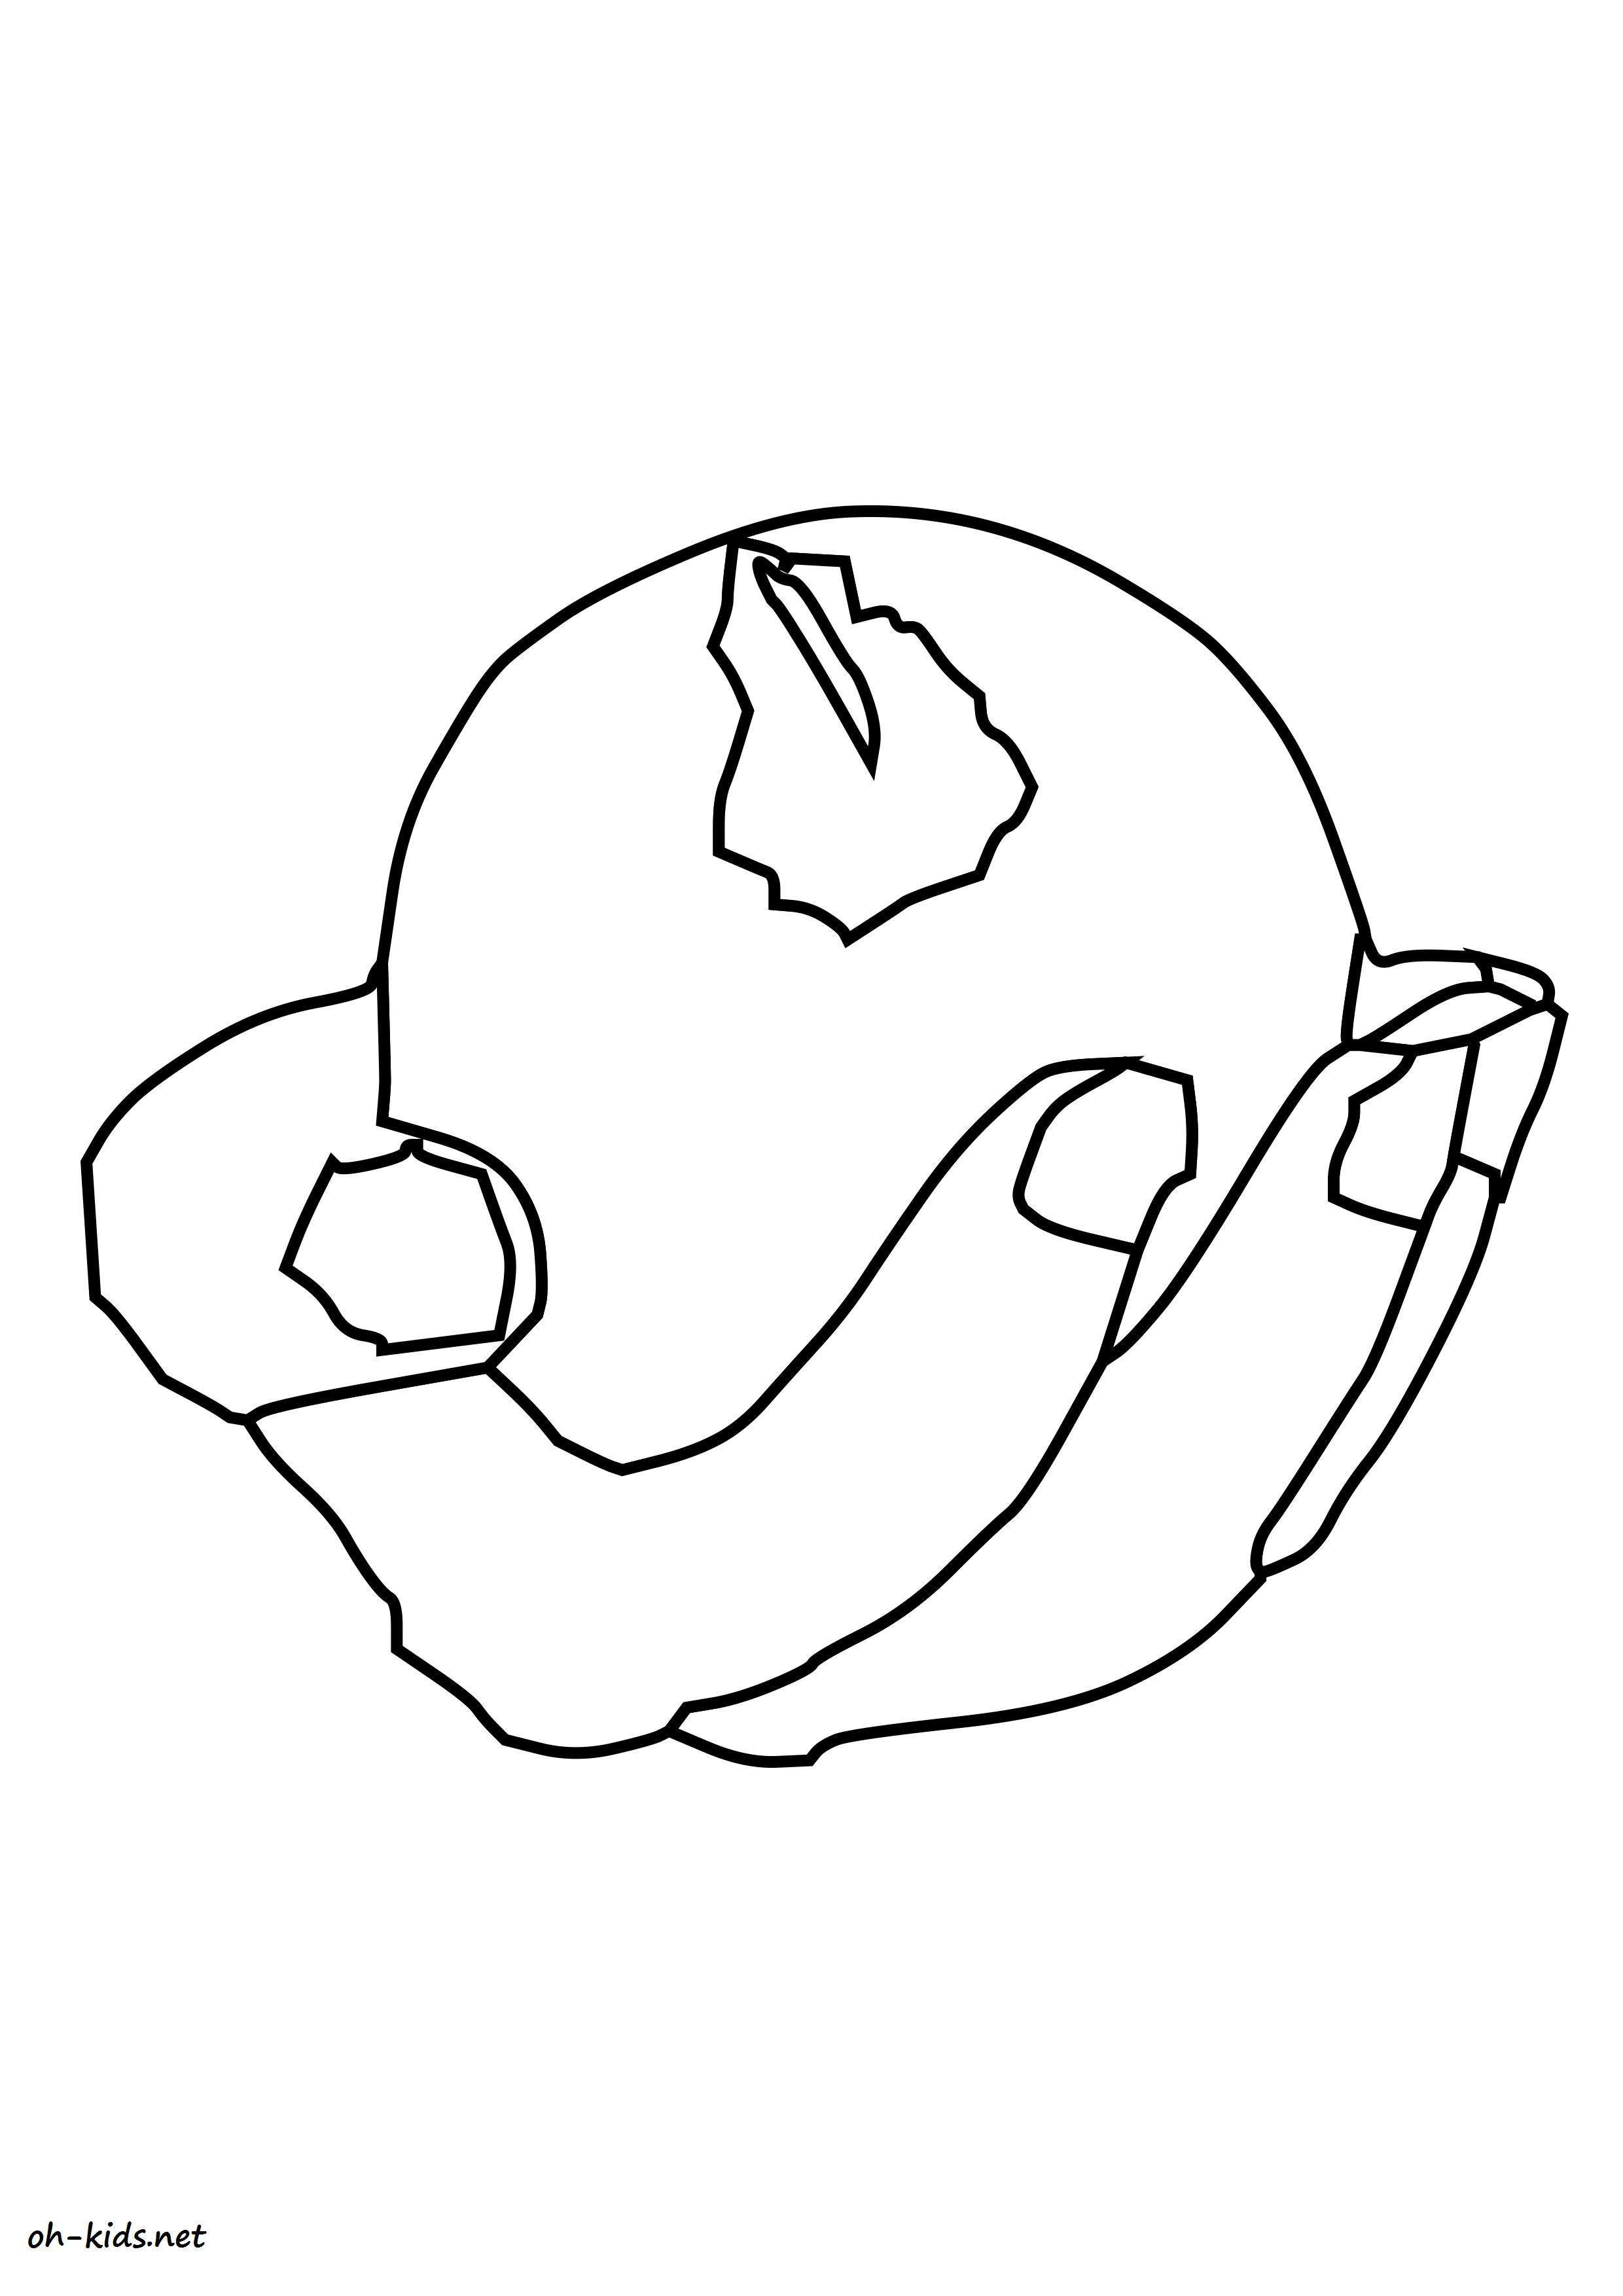 coloriage de pomme a colorier - Dessin #1154